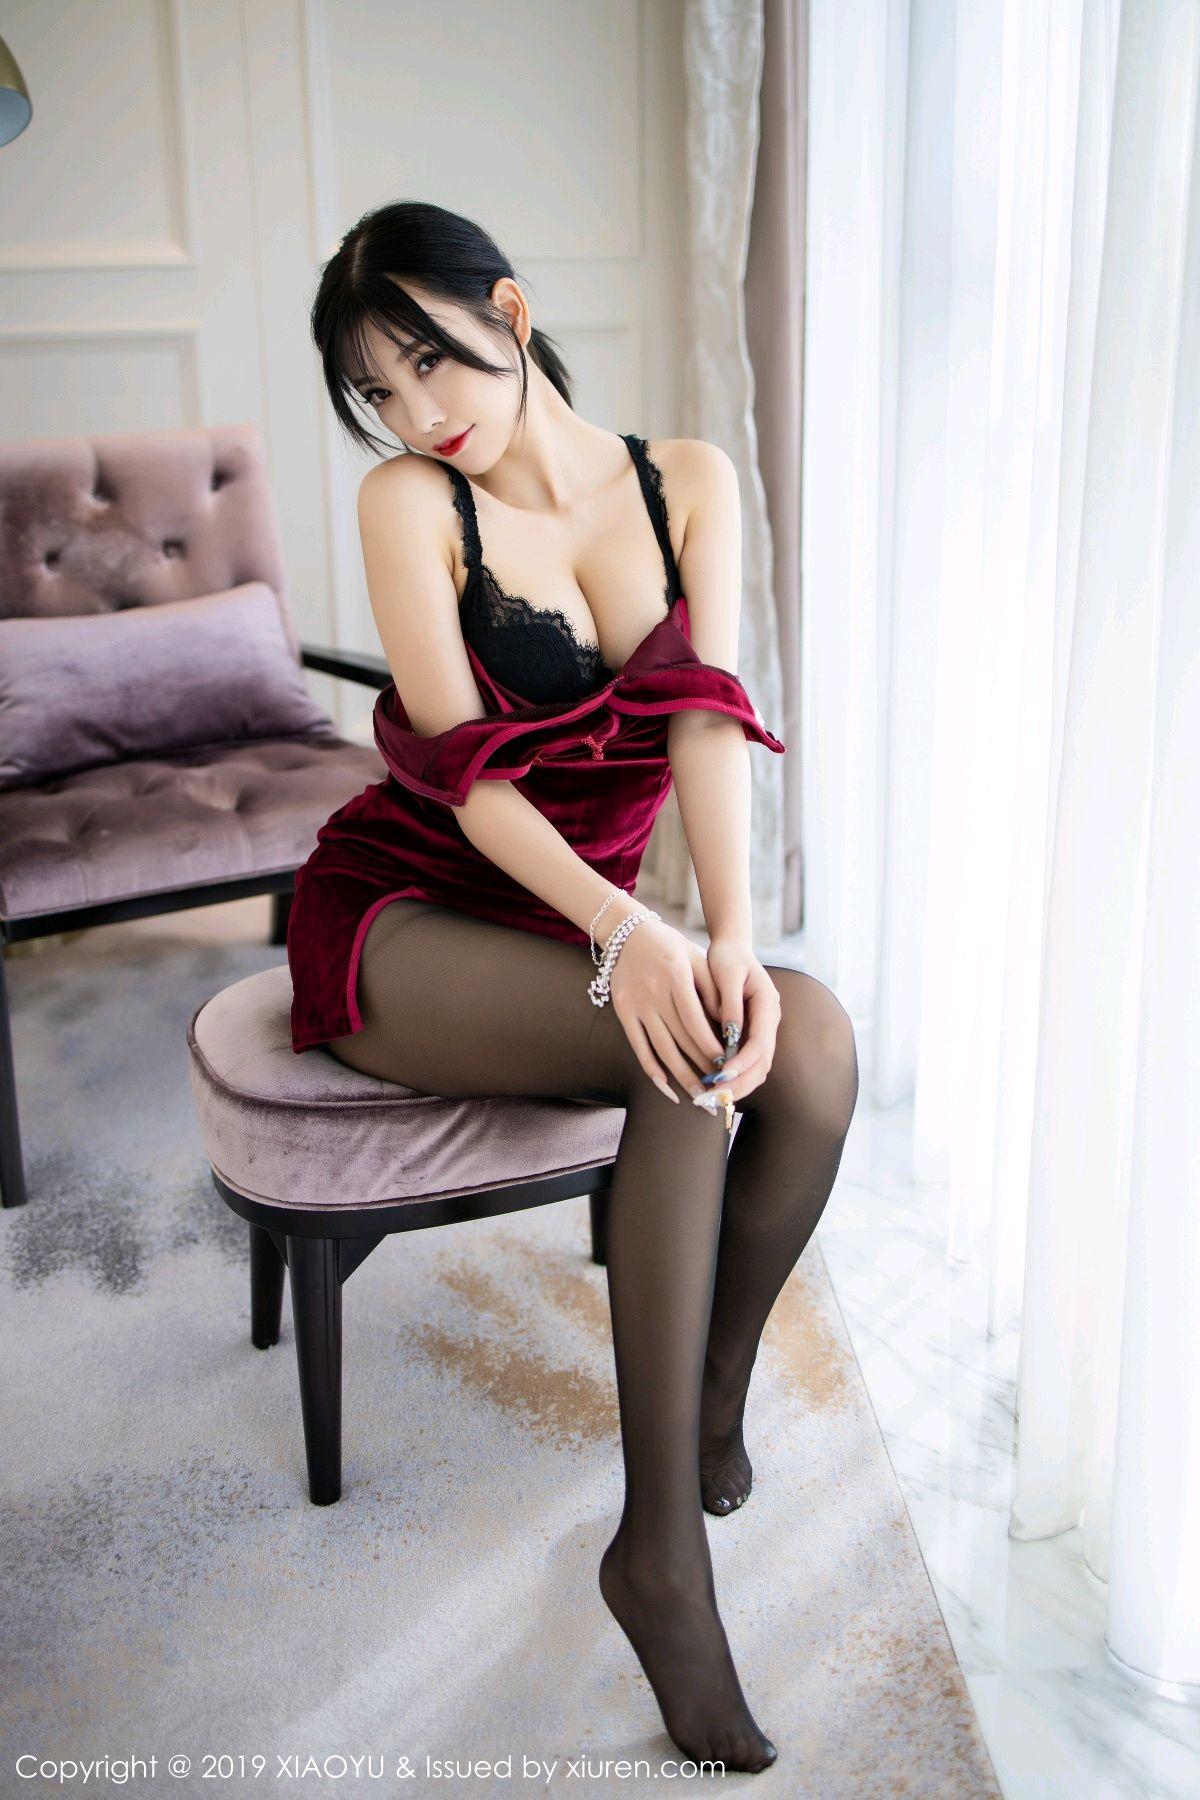 [XiaoYu] Vol.152 Yang Chen Chen 27P, Black Silk, Cheongsam, Tall, XiaoYu, Yang Chen Chen